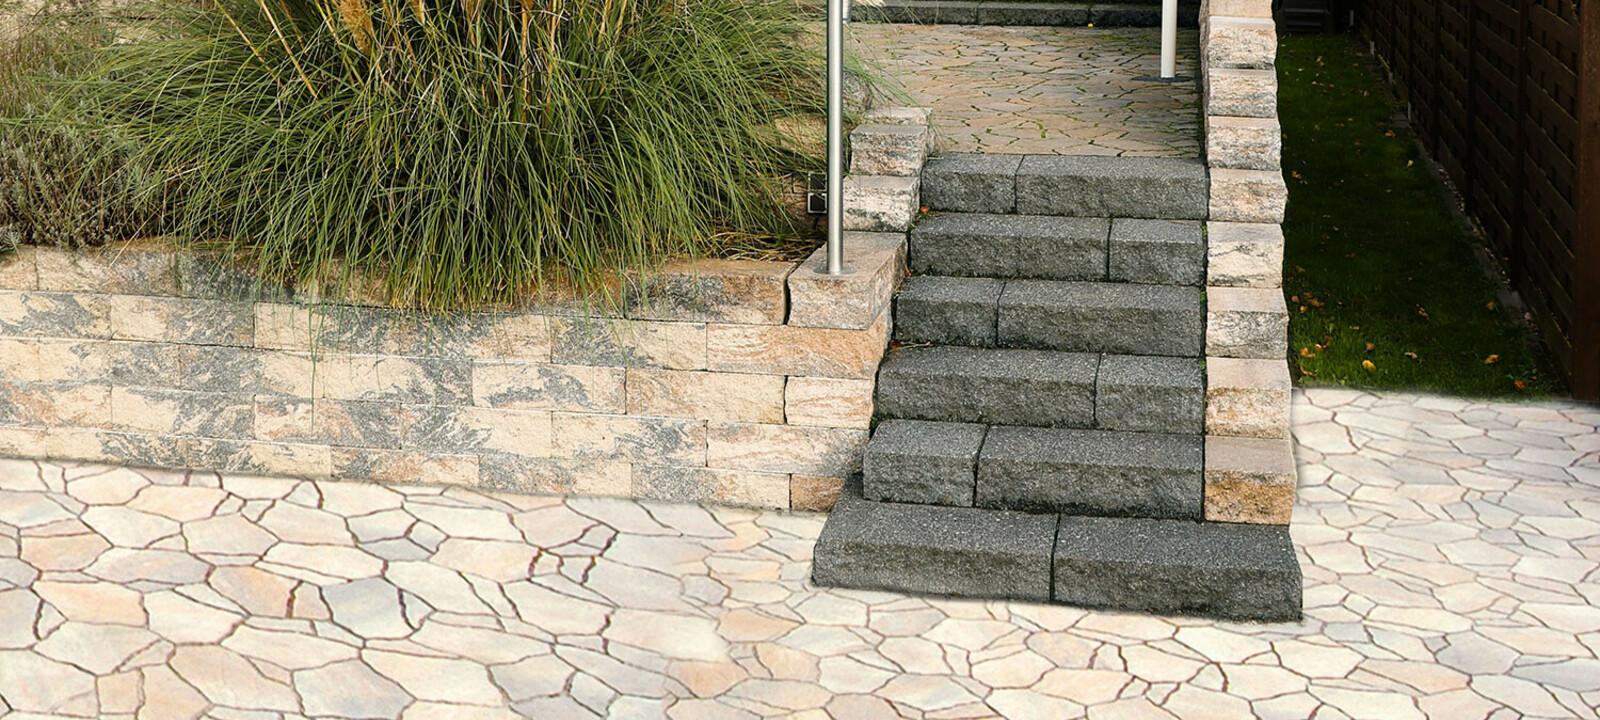 Poligono Pflaster mit Treppenaufgang zur Terrasse